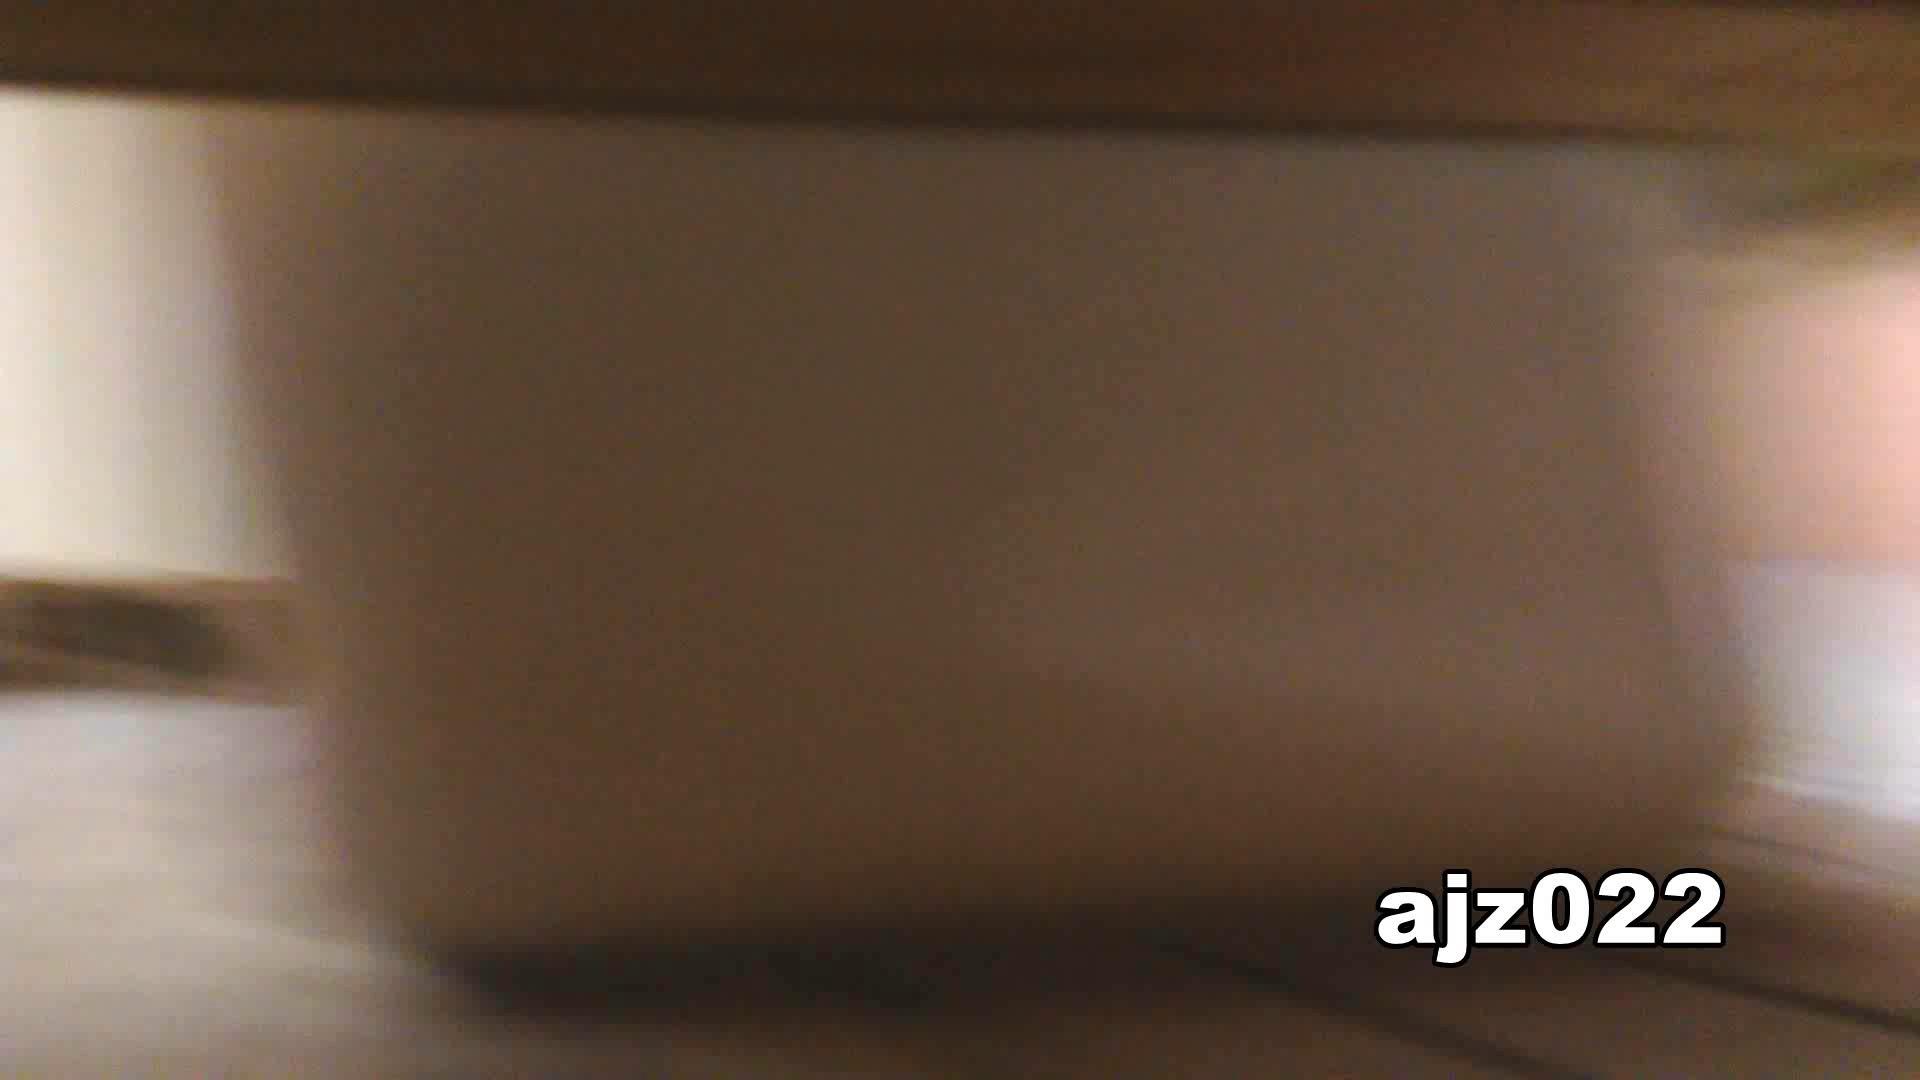 某有名大学女性洗面所 vol.22 洗面所 ワレメ動画紹介 21連発 20